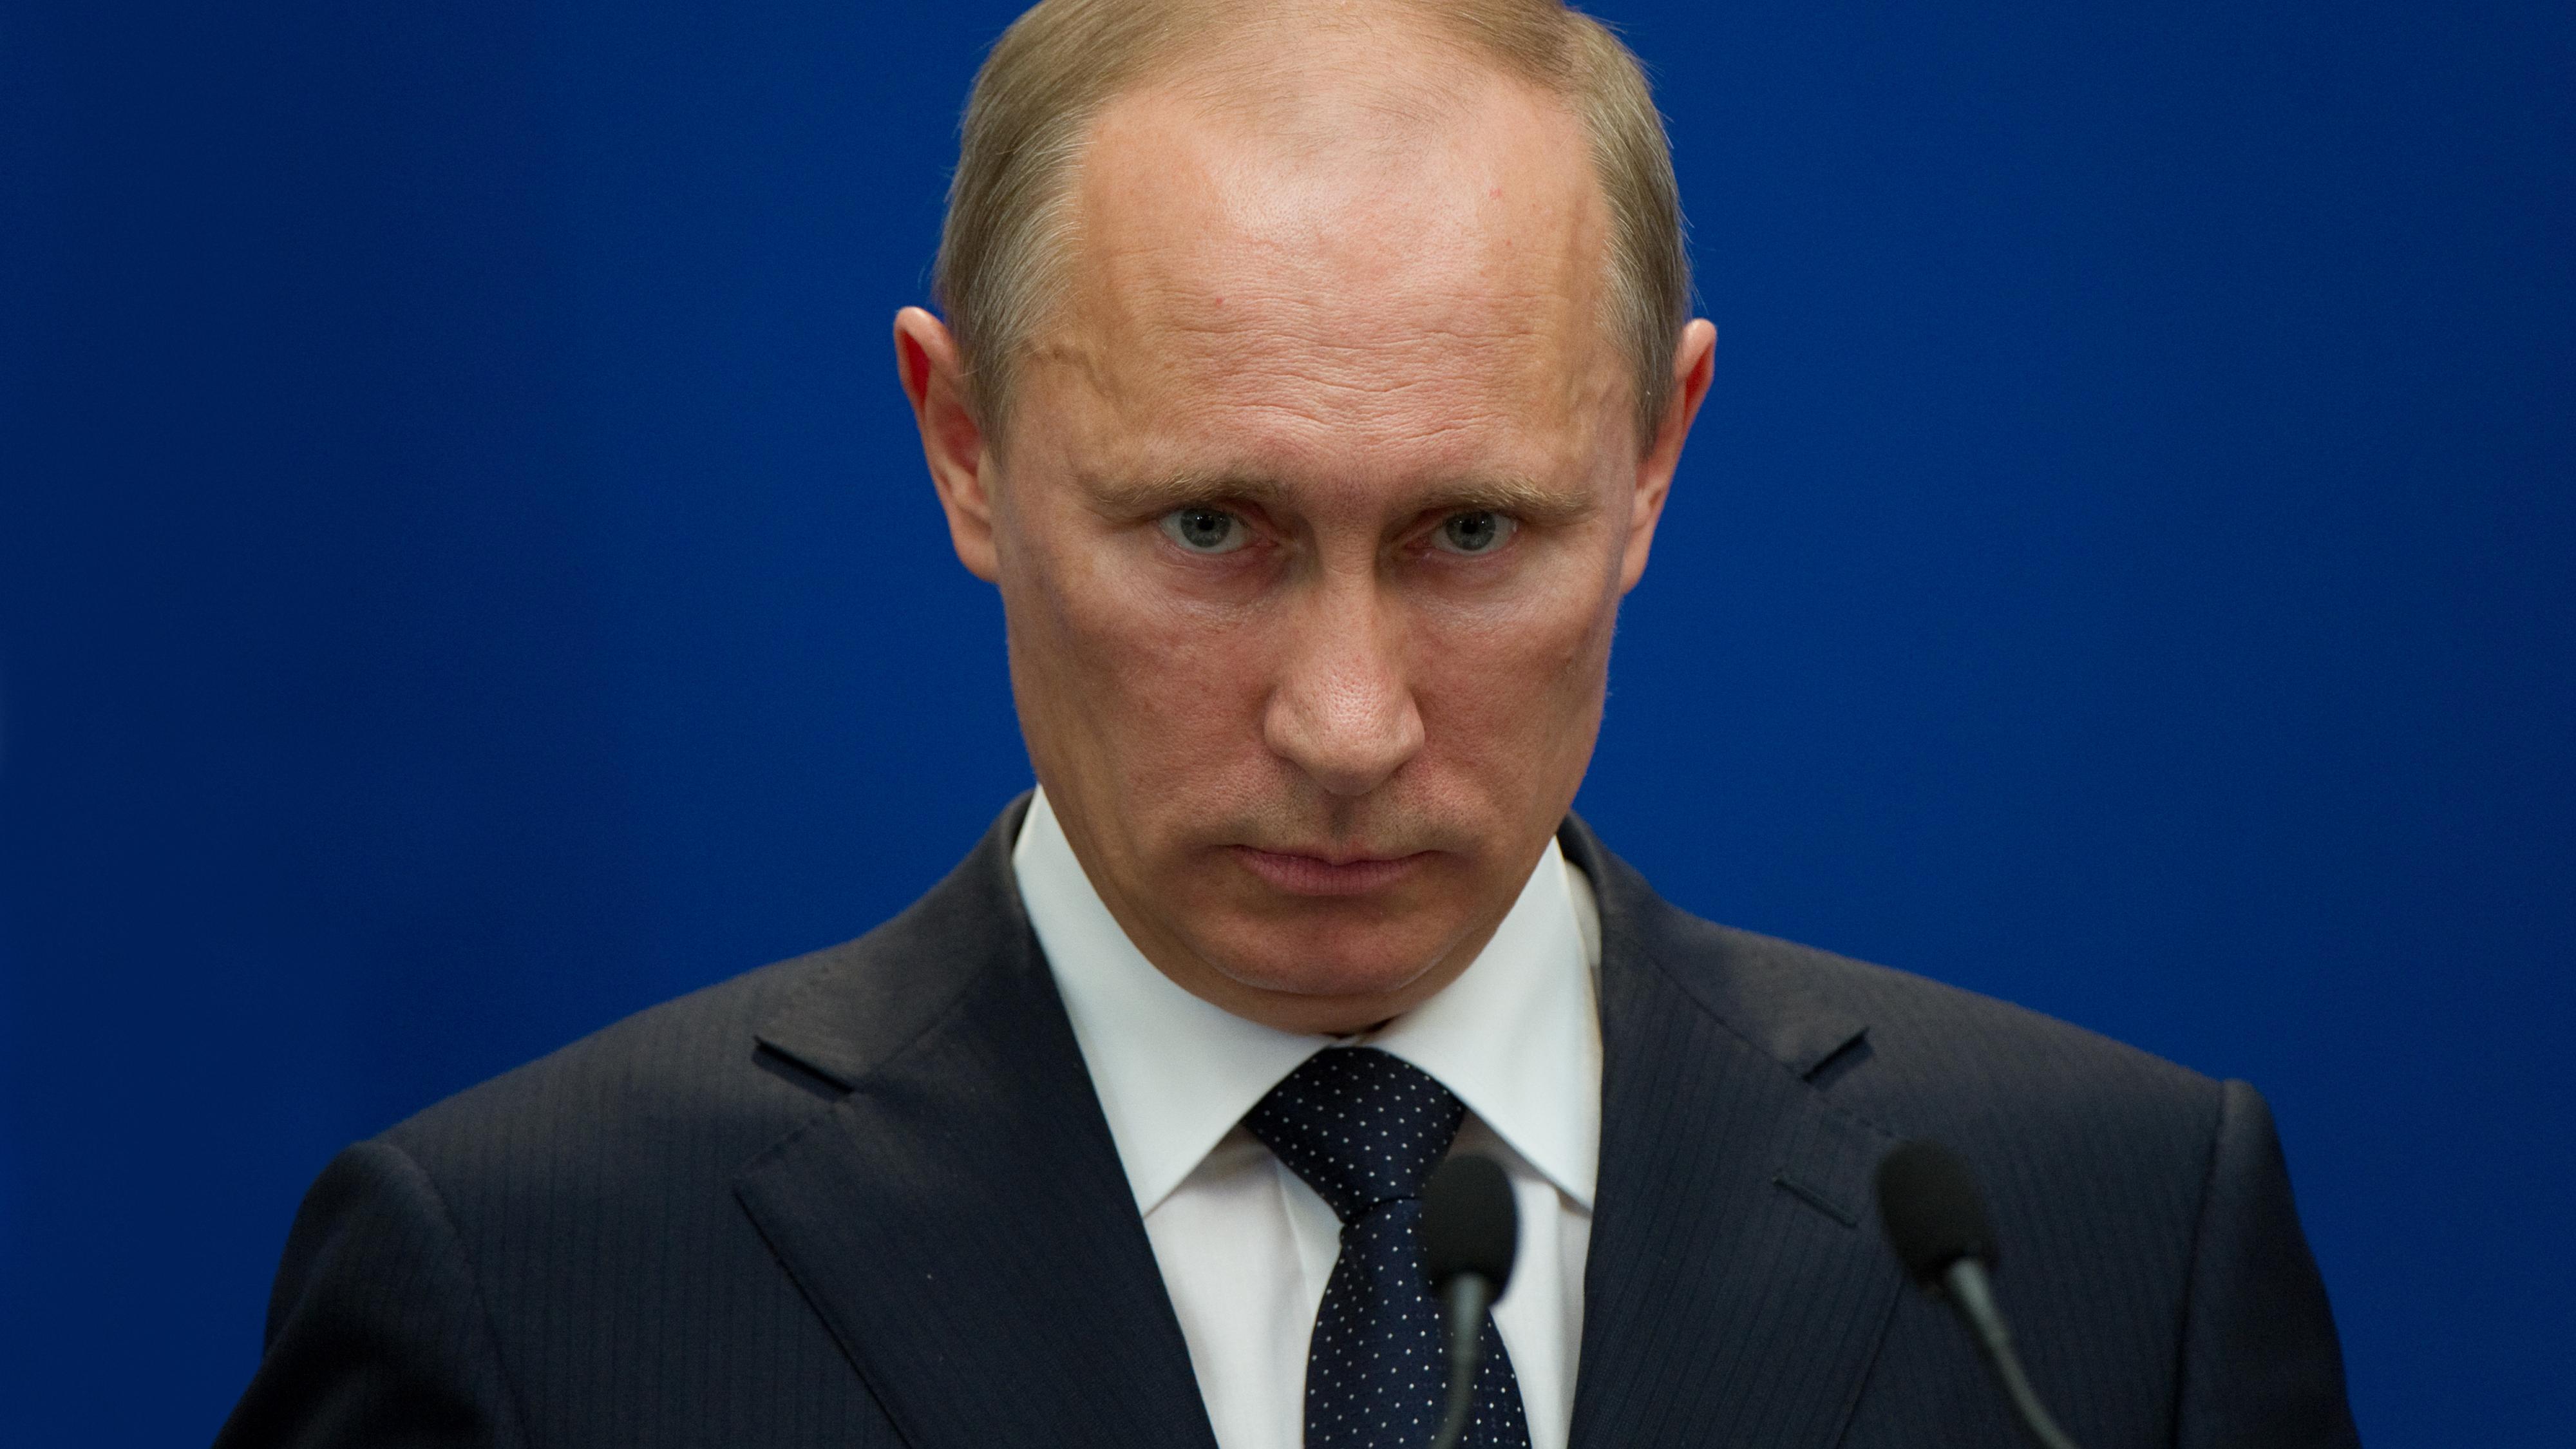 Russland kan ha bedrevet massiv cyber-spionkampanje i mange år